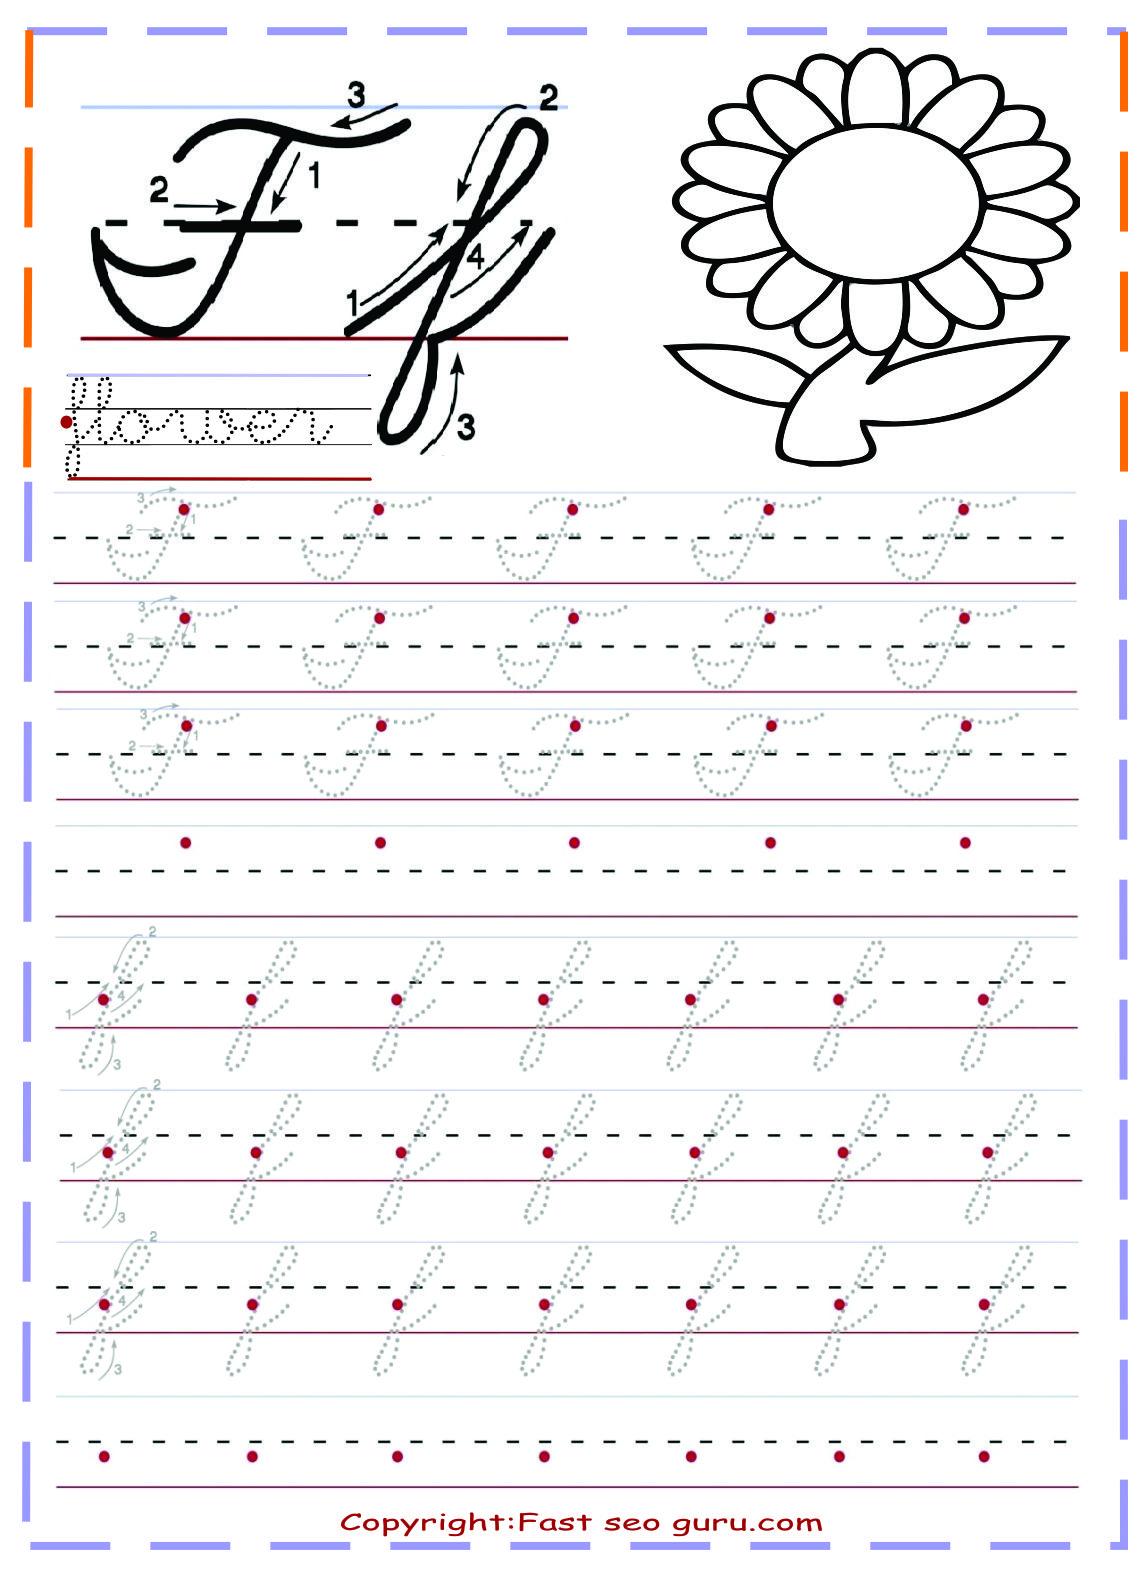 Letter Tracing Worksheets Cursive